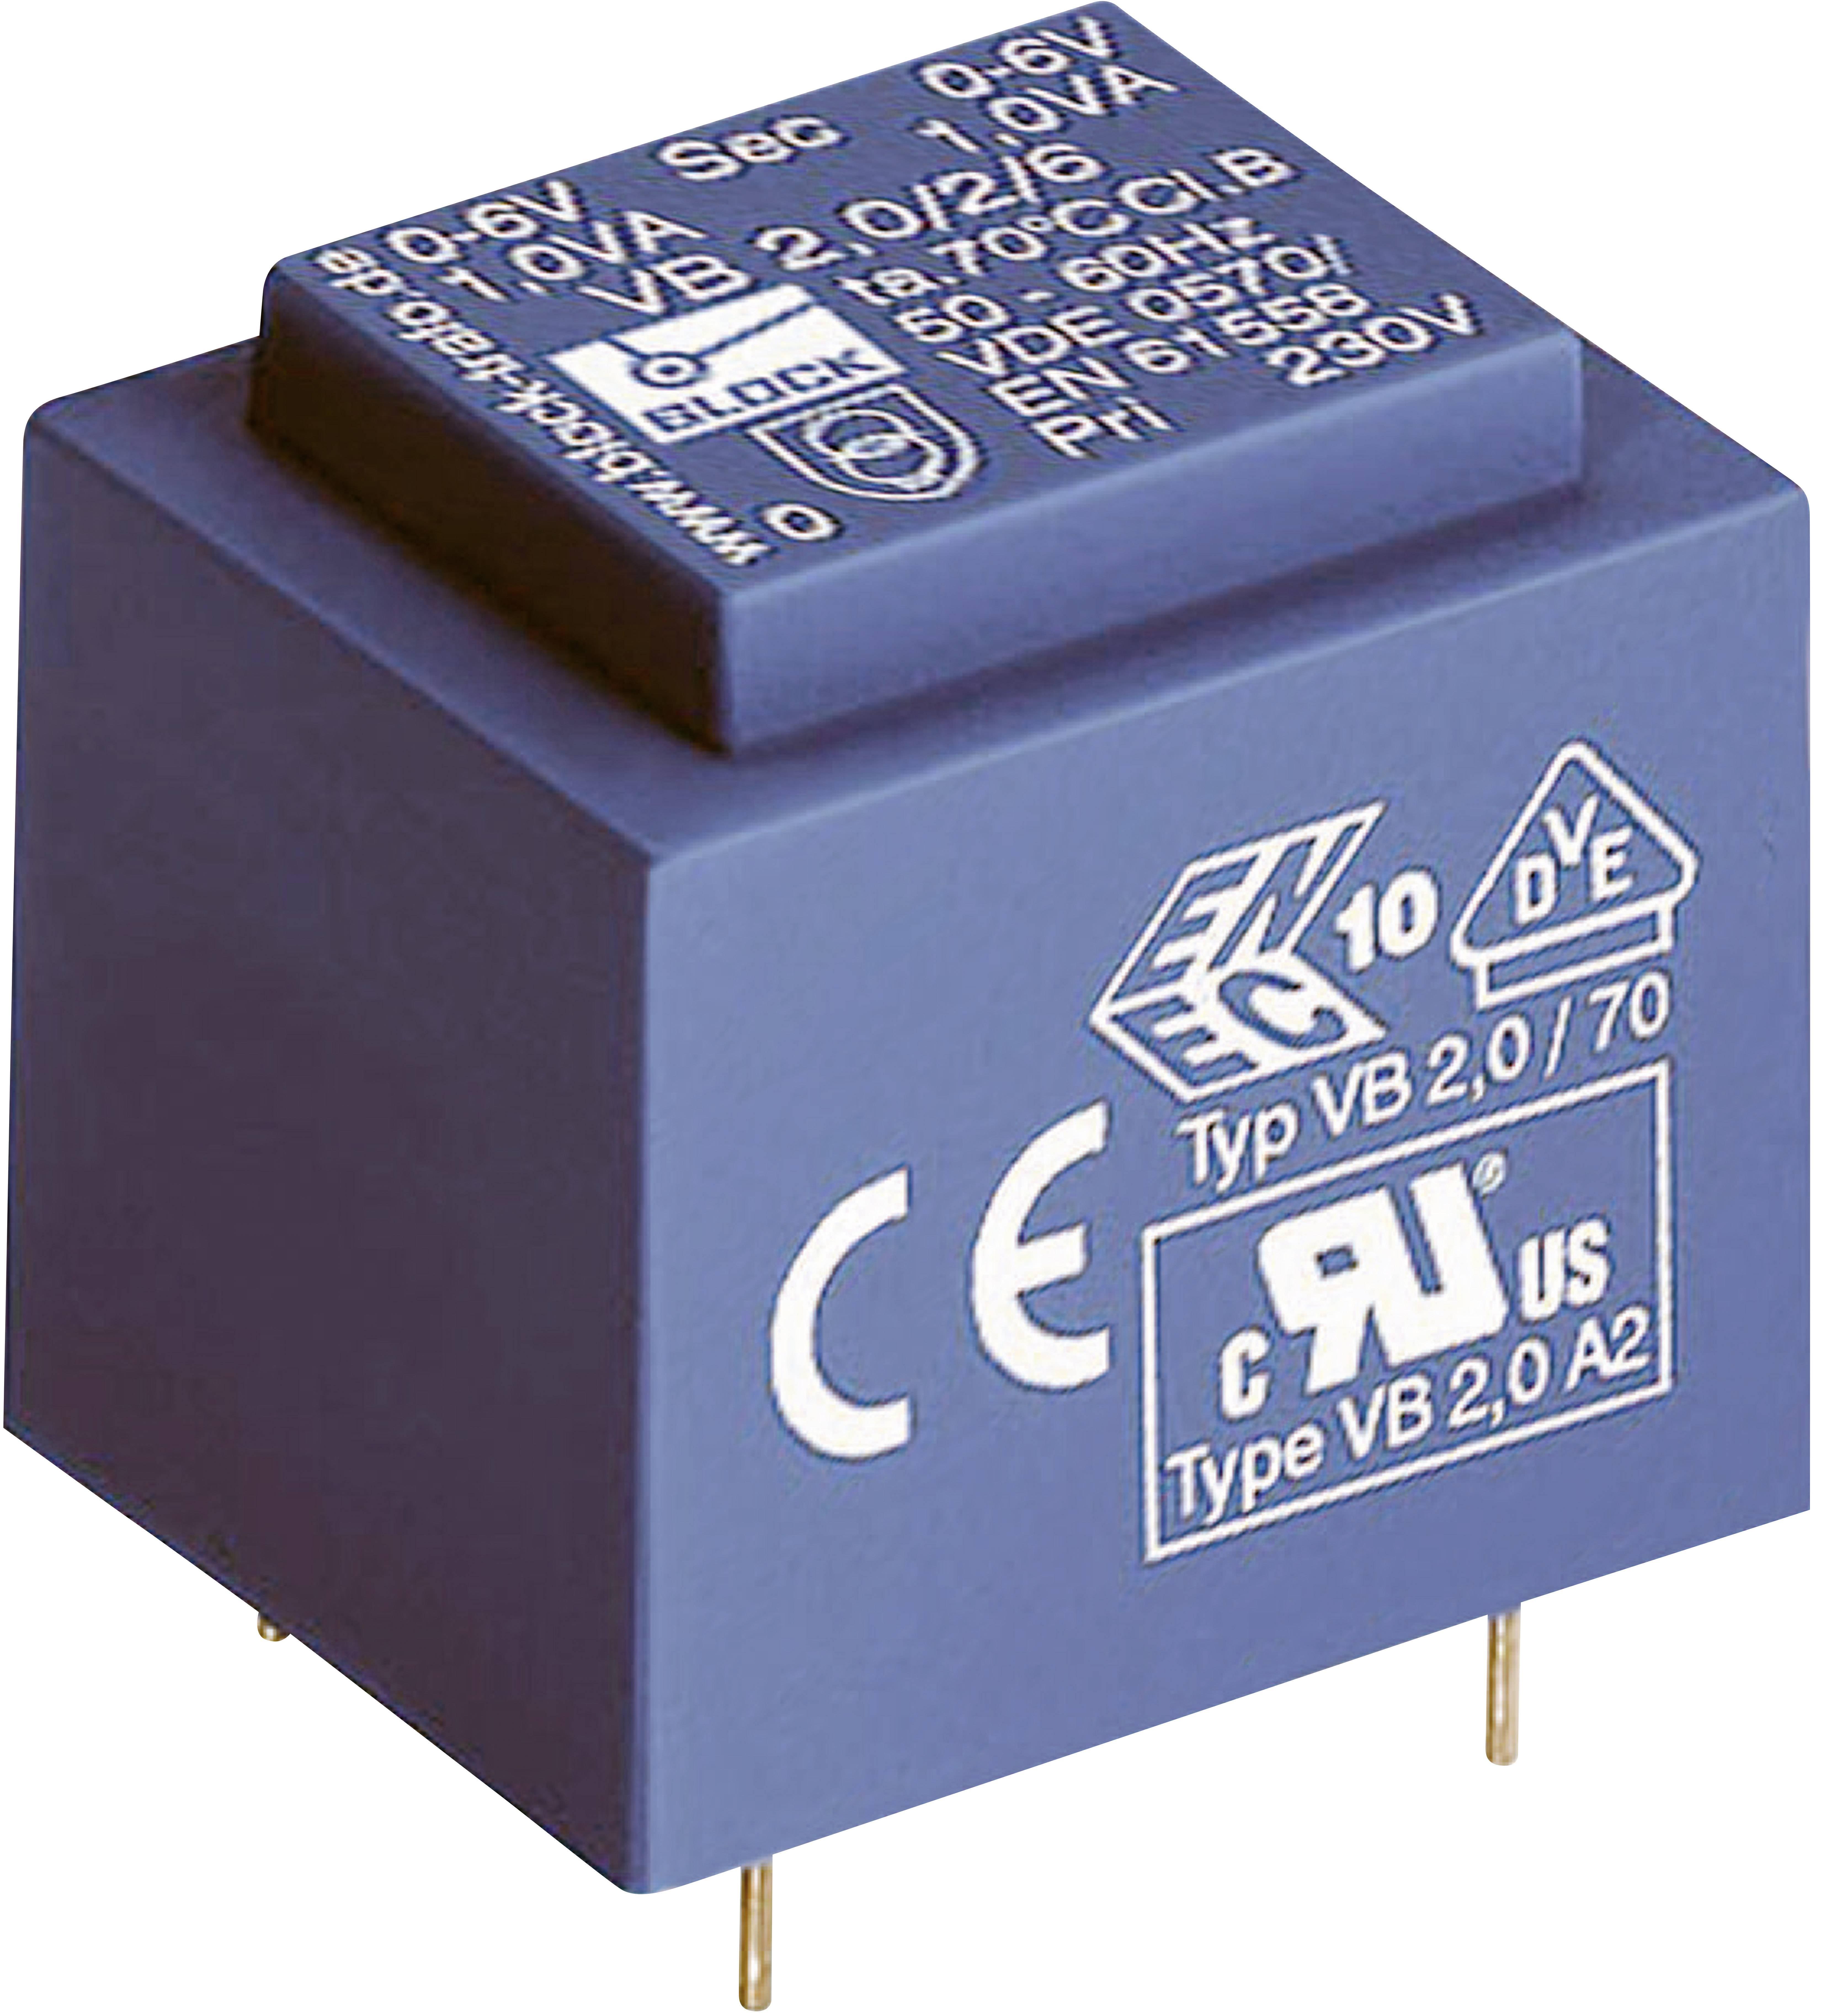 Transformátor do DPS Block VB 2,8/1/15, 2.80 VA